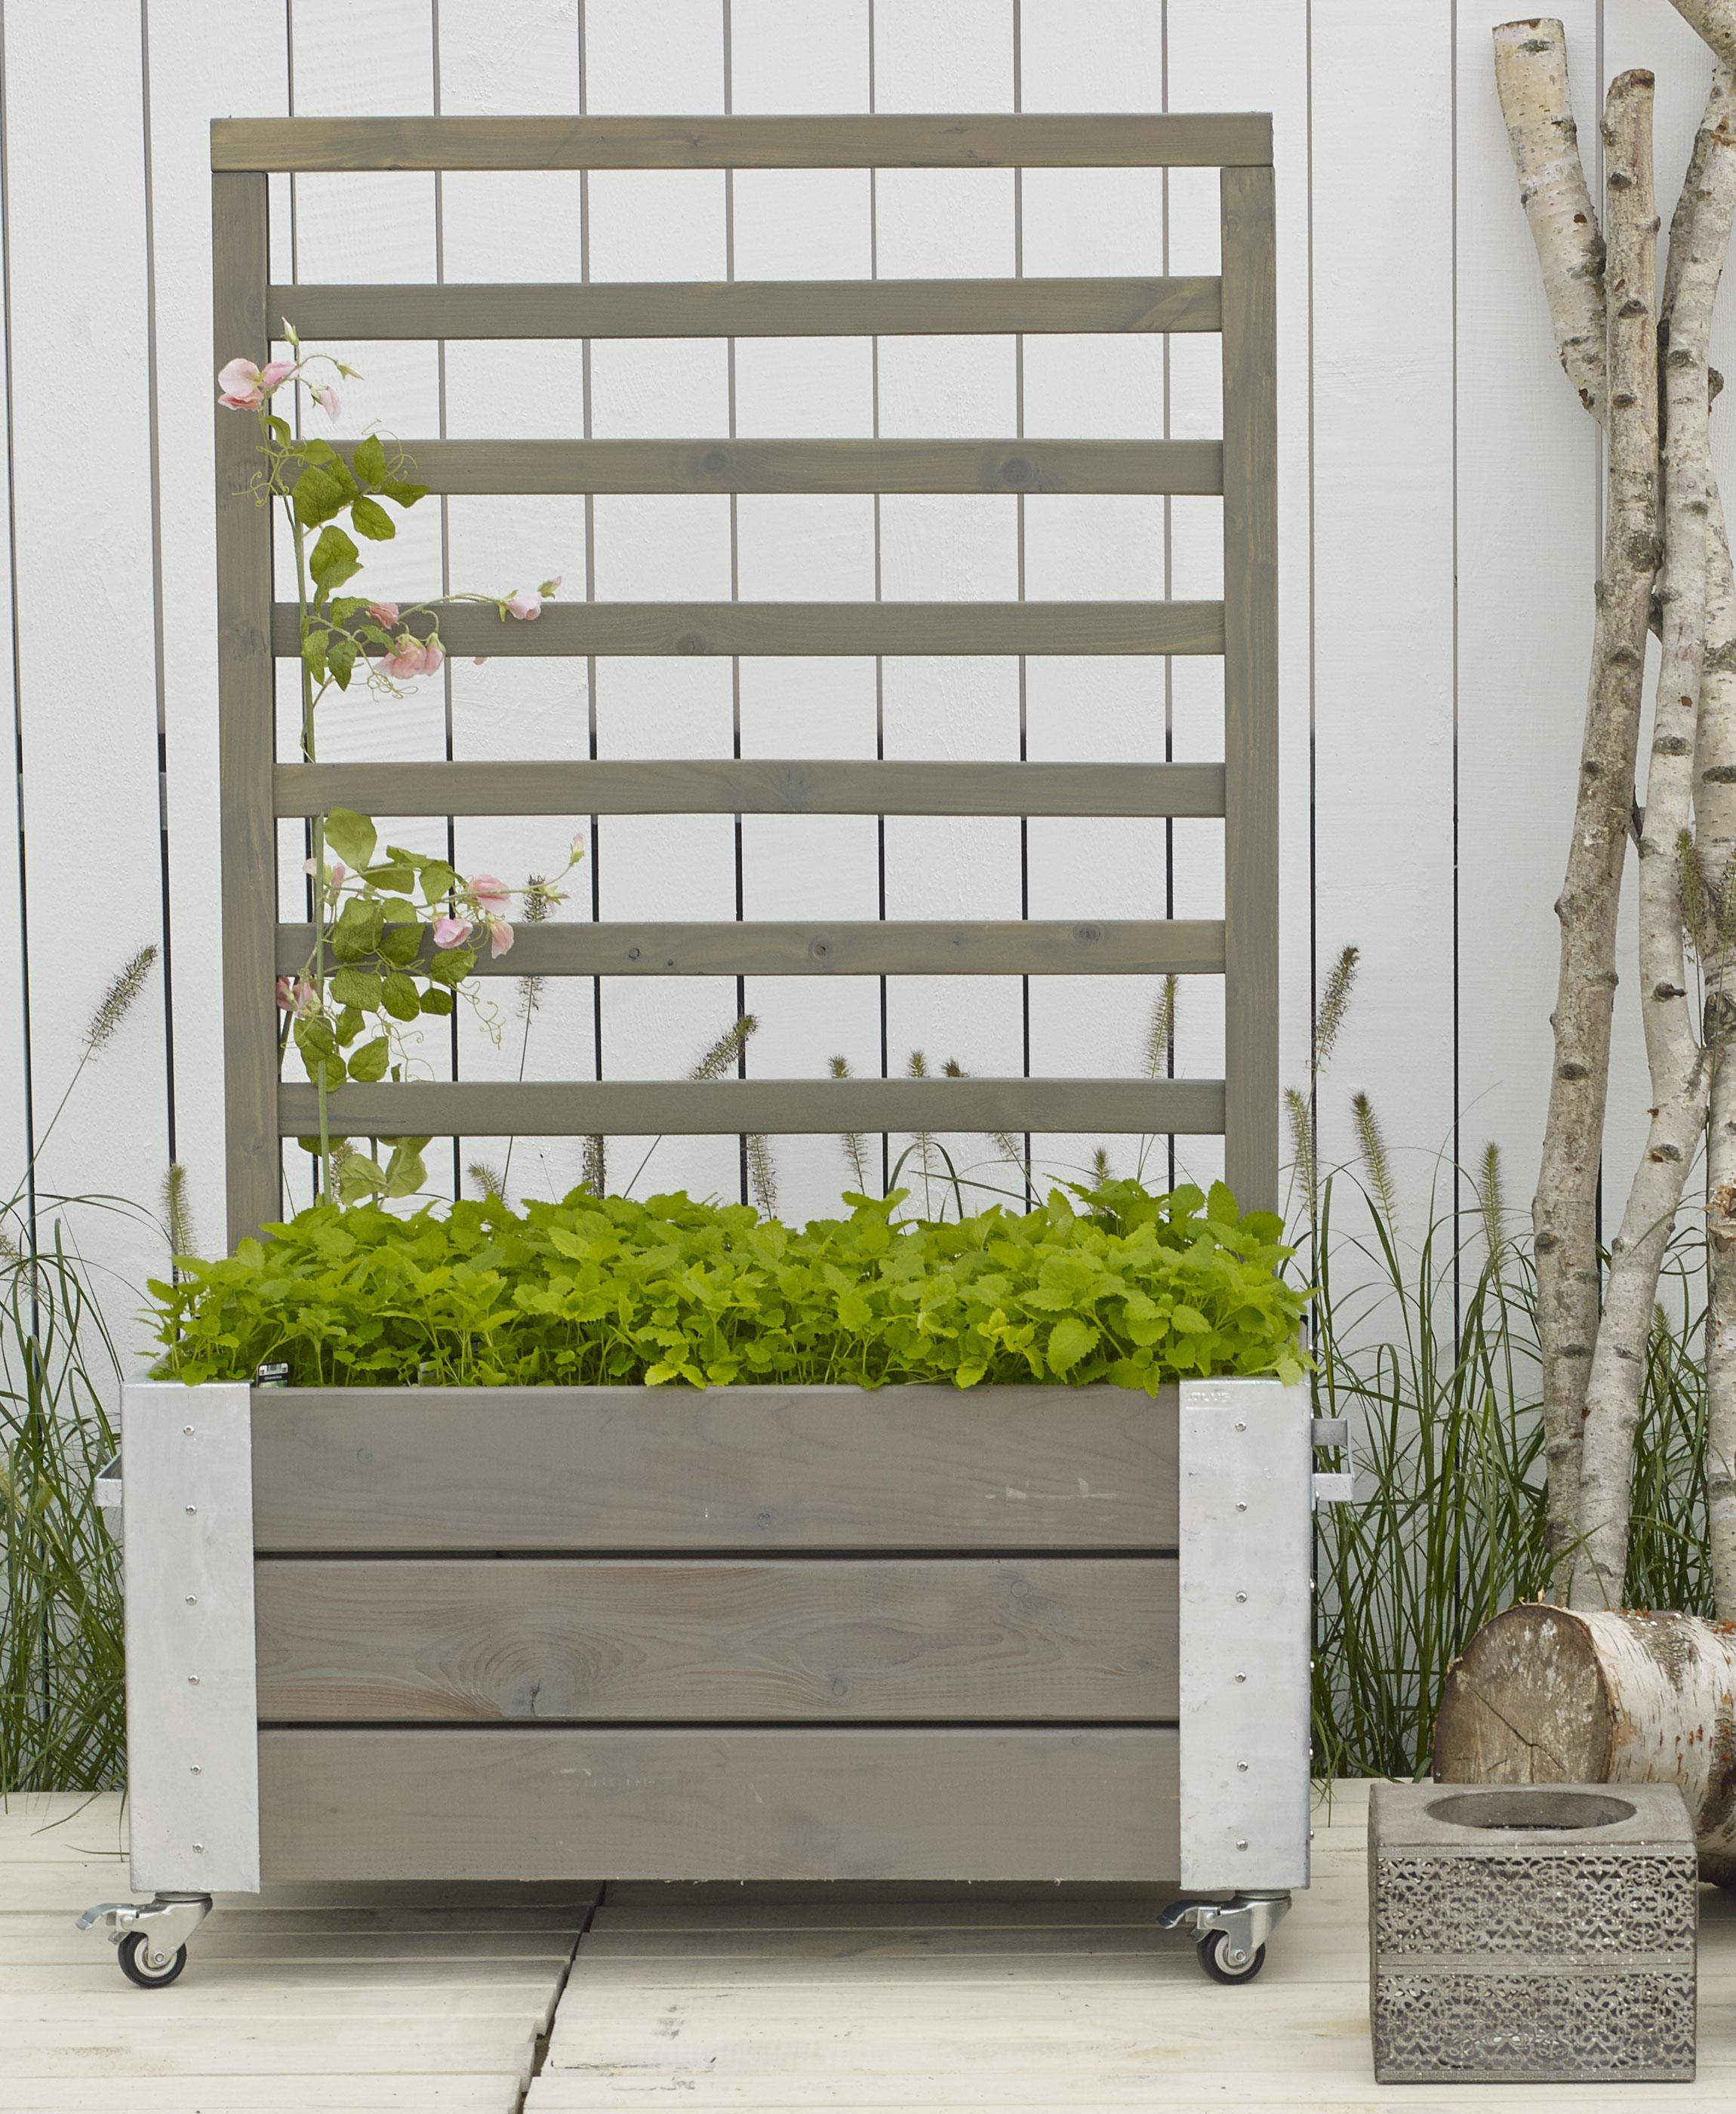 Blumenkasten Cubic mit Rankgitter Plus 87x50x130cm Holz graubraun Bild 2